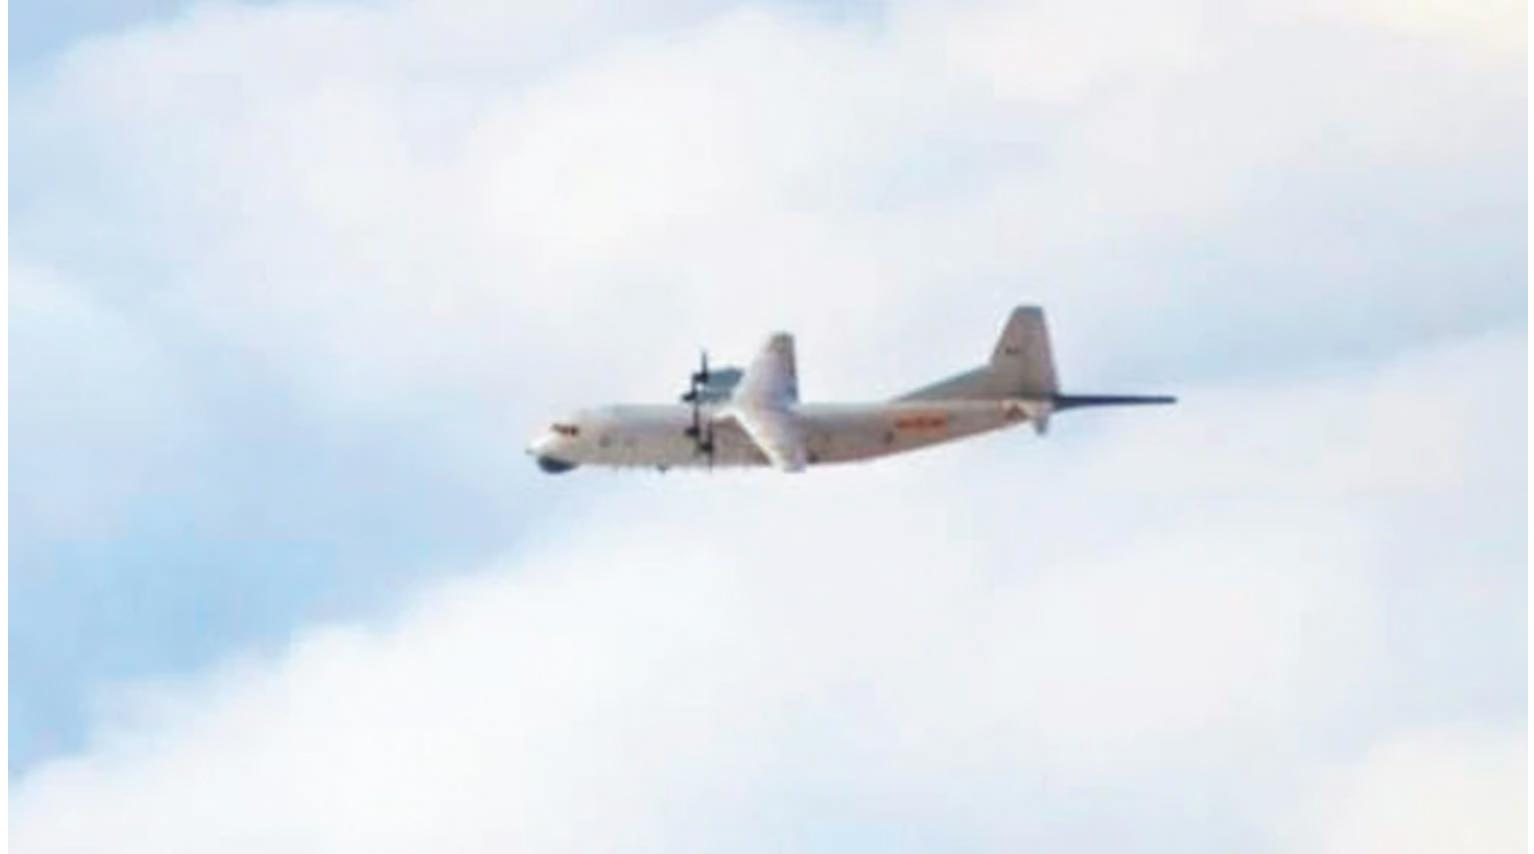 國防部昨公佈共軍一架運-8反潛機擾我西南空域,遭我空軍驅離。